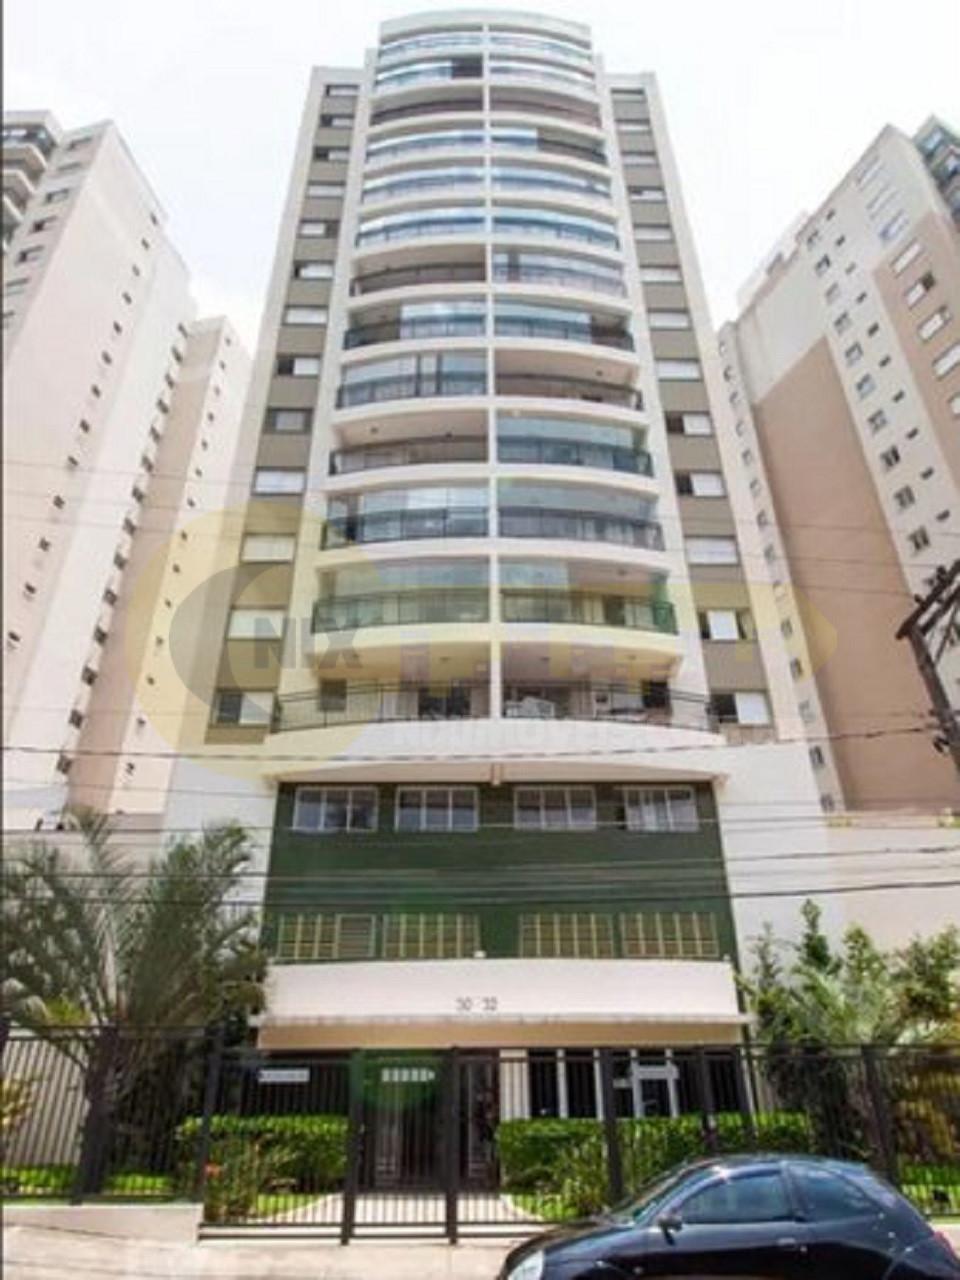 Alugar apartamento Vila Gomes USP Metro Butanta ao lado Pç Elis Regina. 60m² 2 quartos, suíte, varanda. Piscina, academia, aceita pets. Segurança 24 horas!